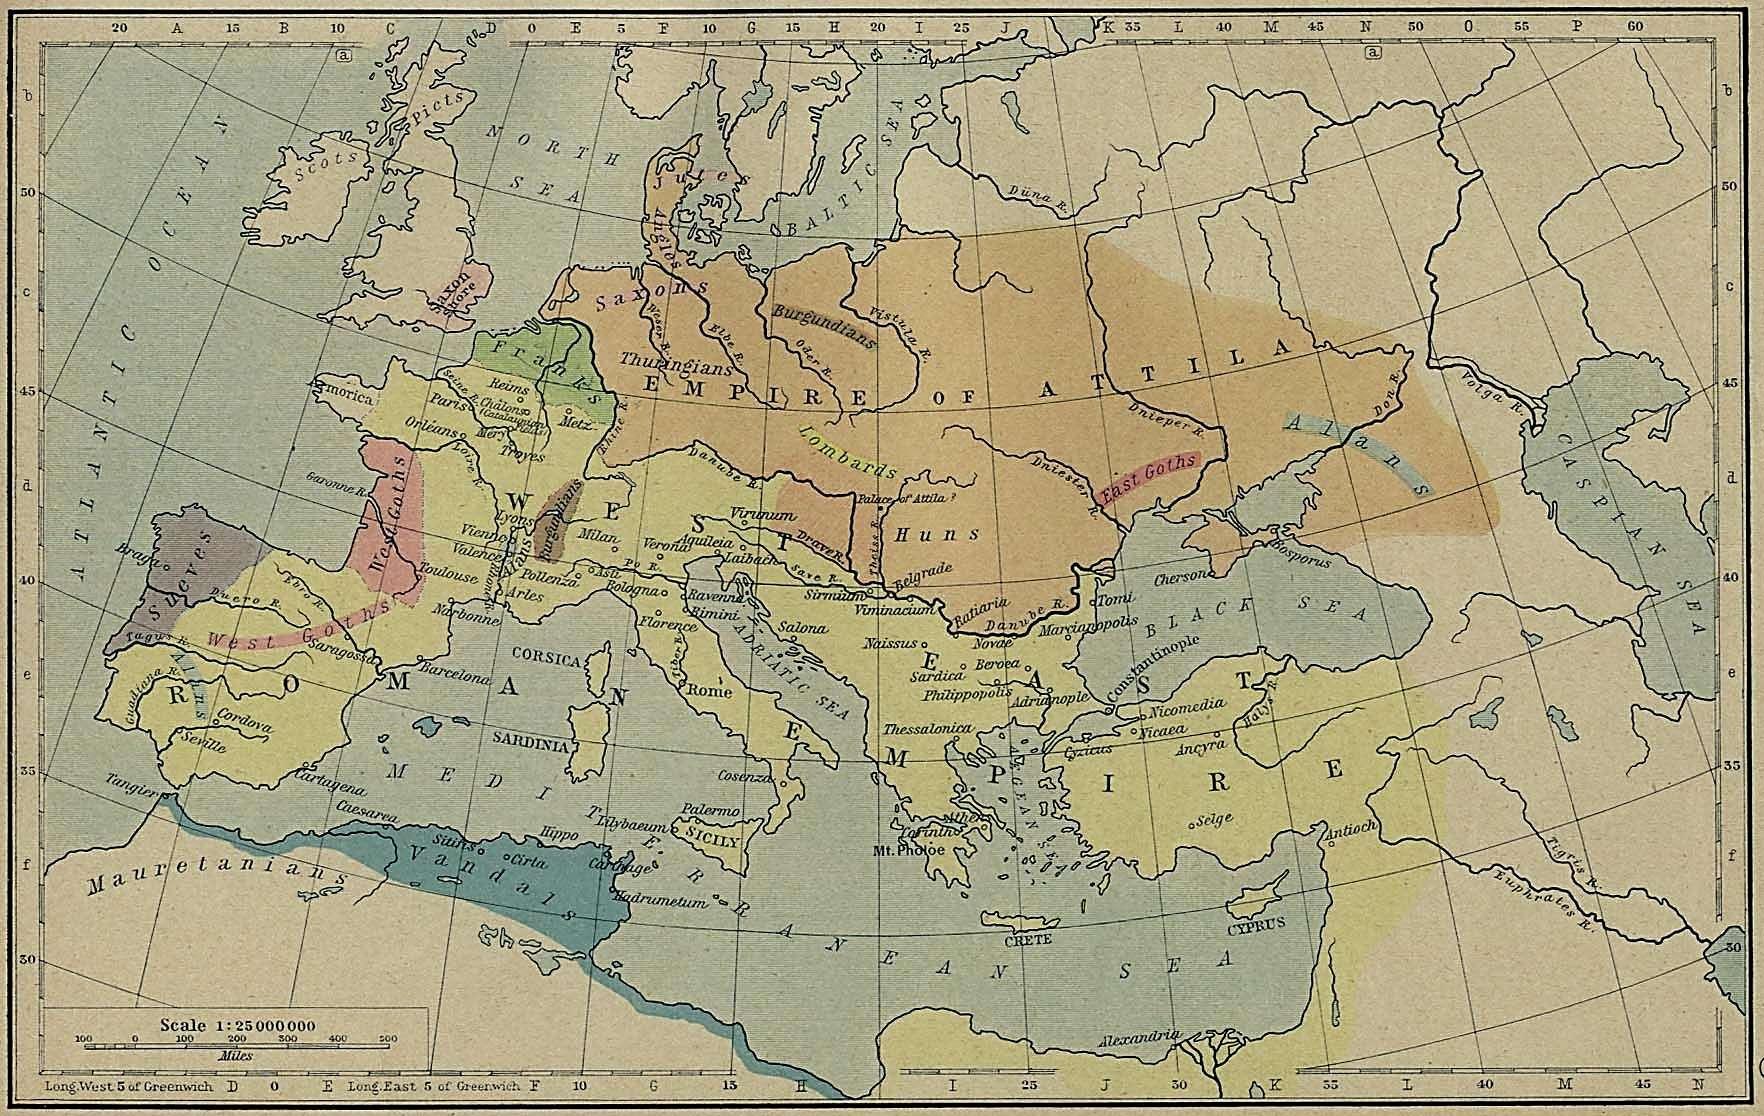 Χάρτης: Η αυτοκρατορία των Ούννων. Map: The Huns Empire